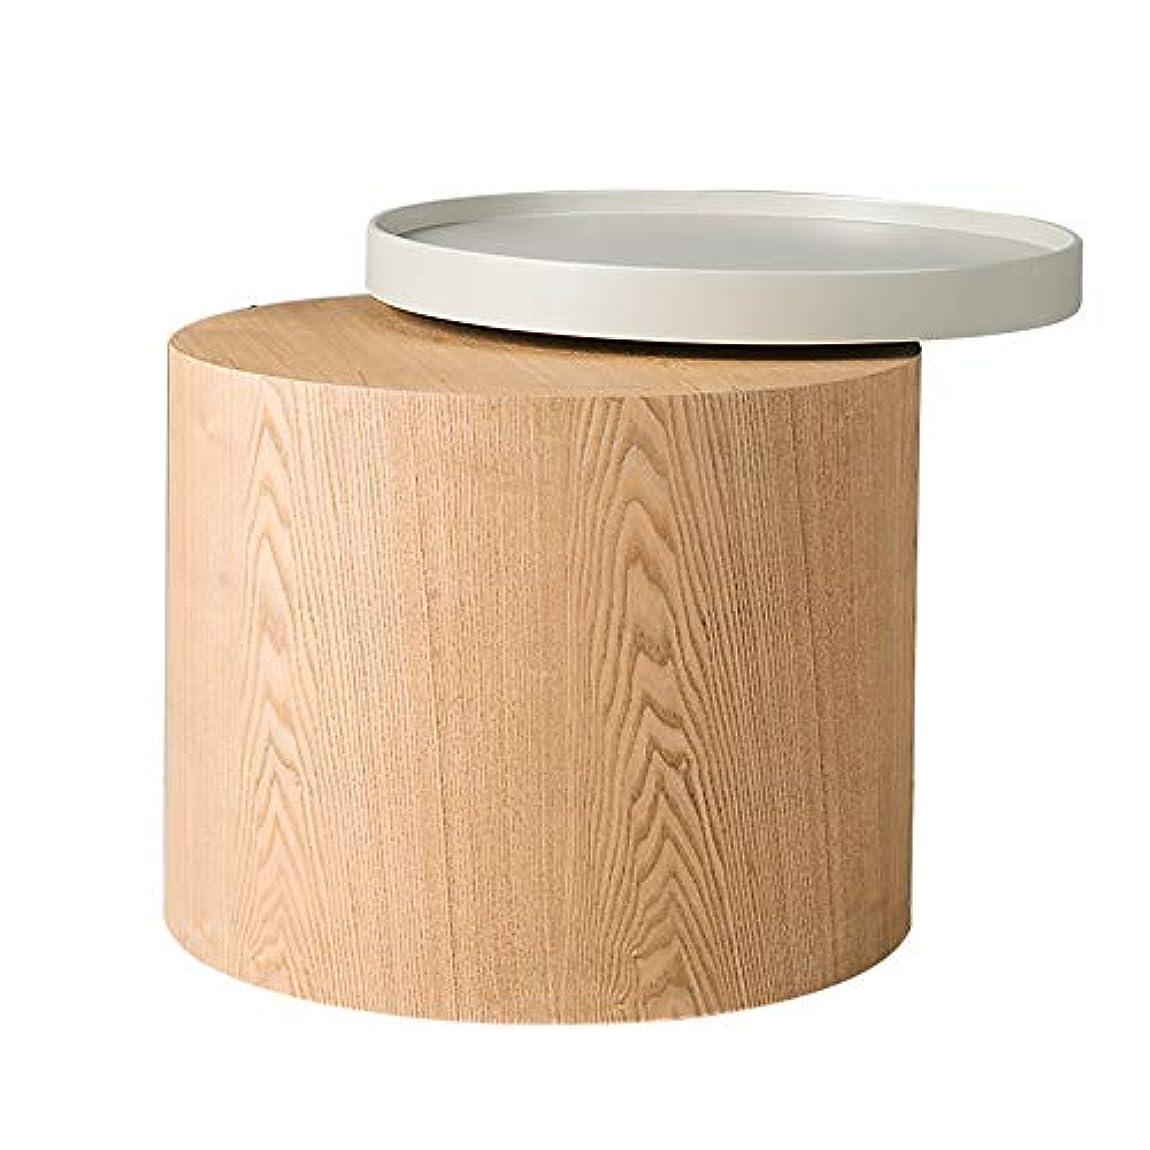 HUO,テーブル 現代的なラウンドコーヒーテーブル木製のサイドテーブルリビングルームクリエイティブ回転可能なトレイ小さなラウンドテーブル 多機能 (色 : A)